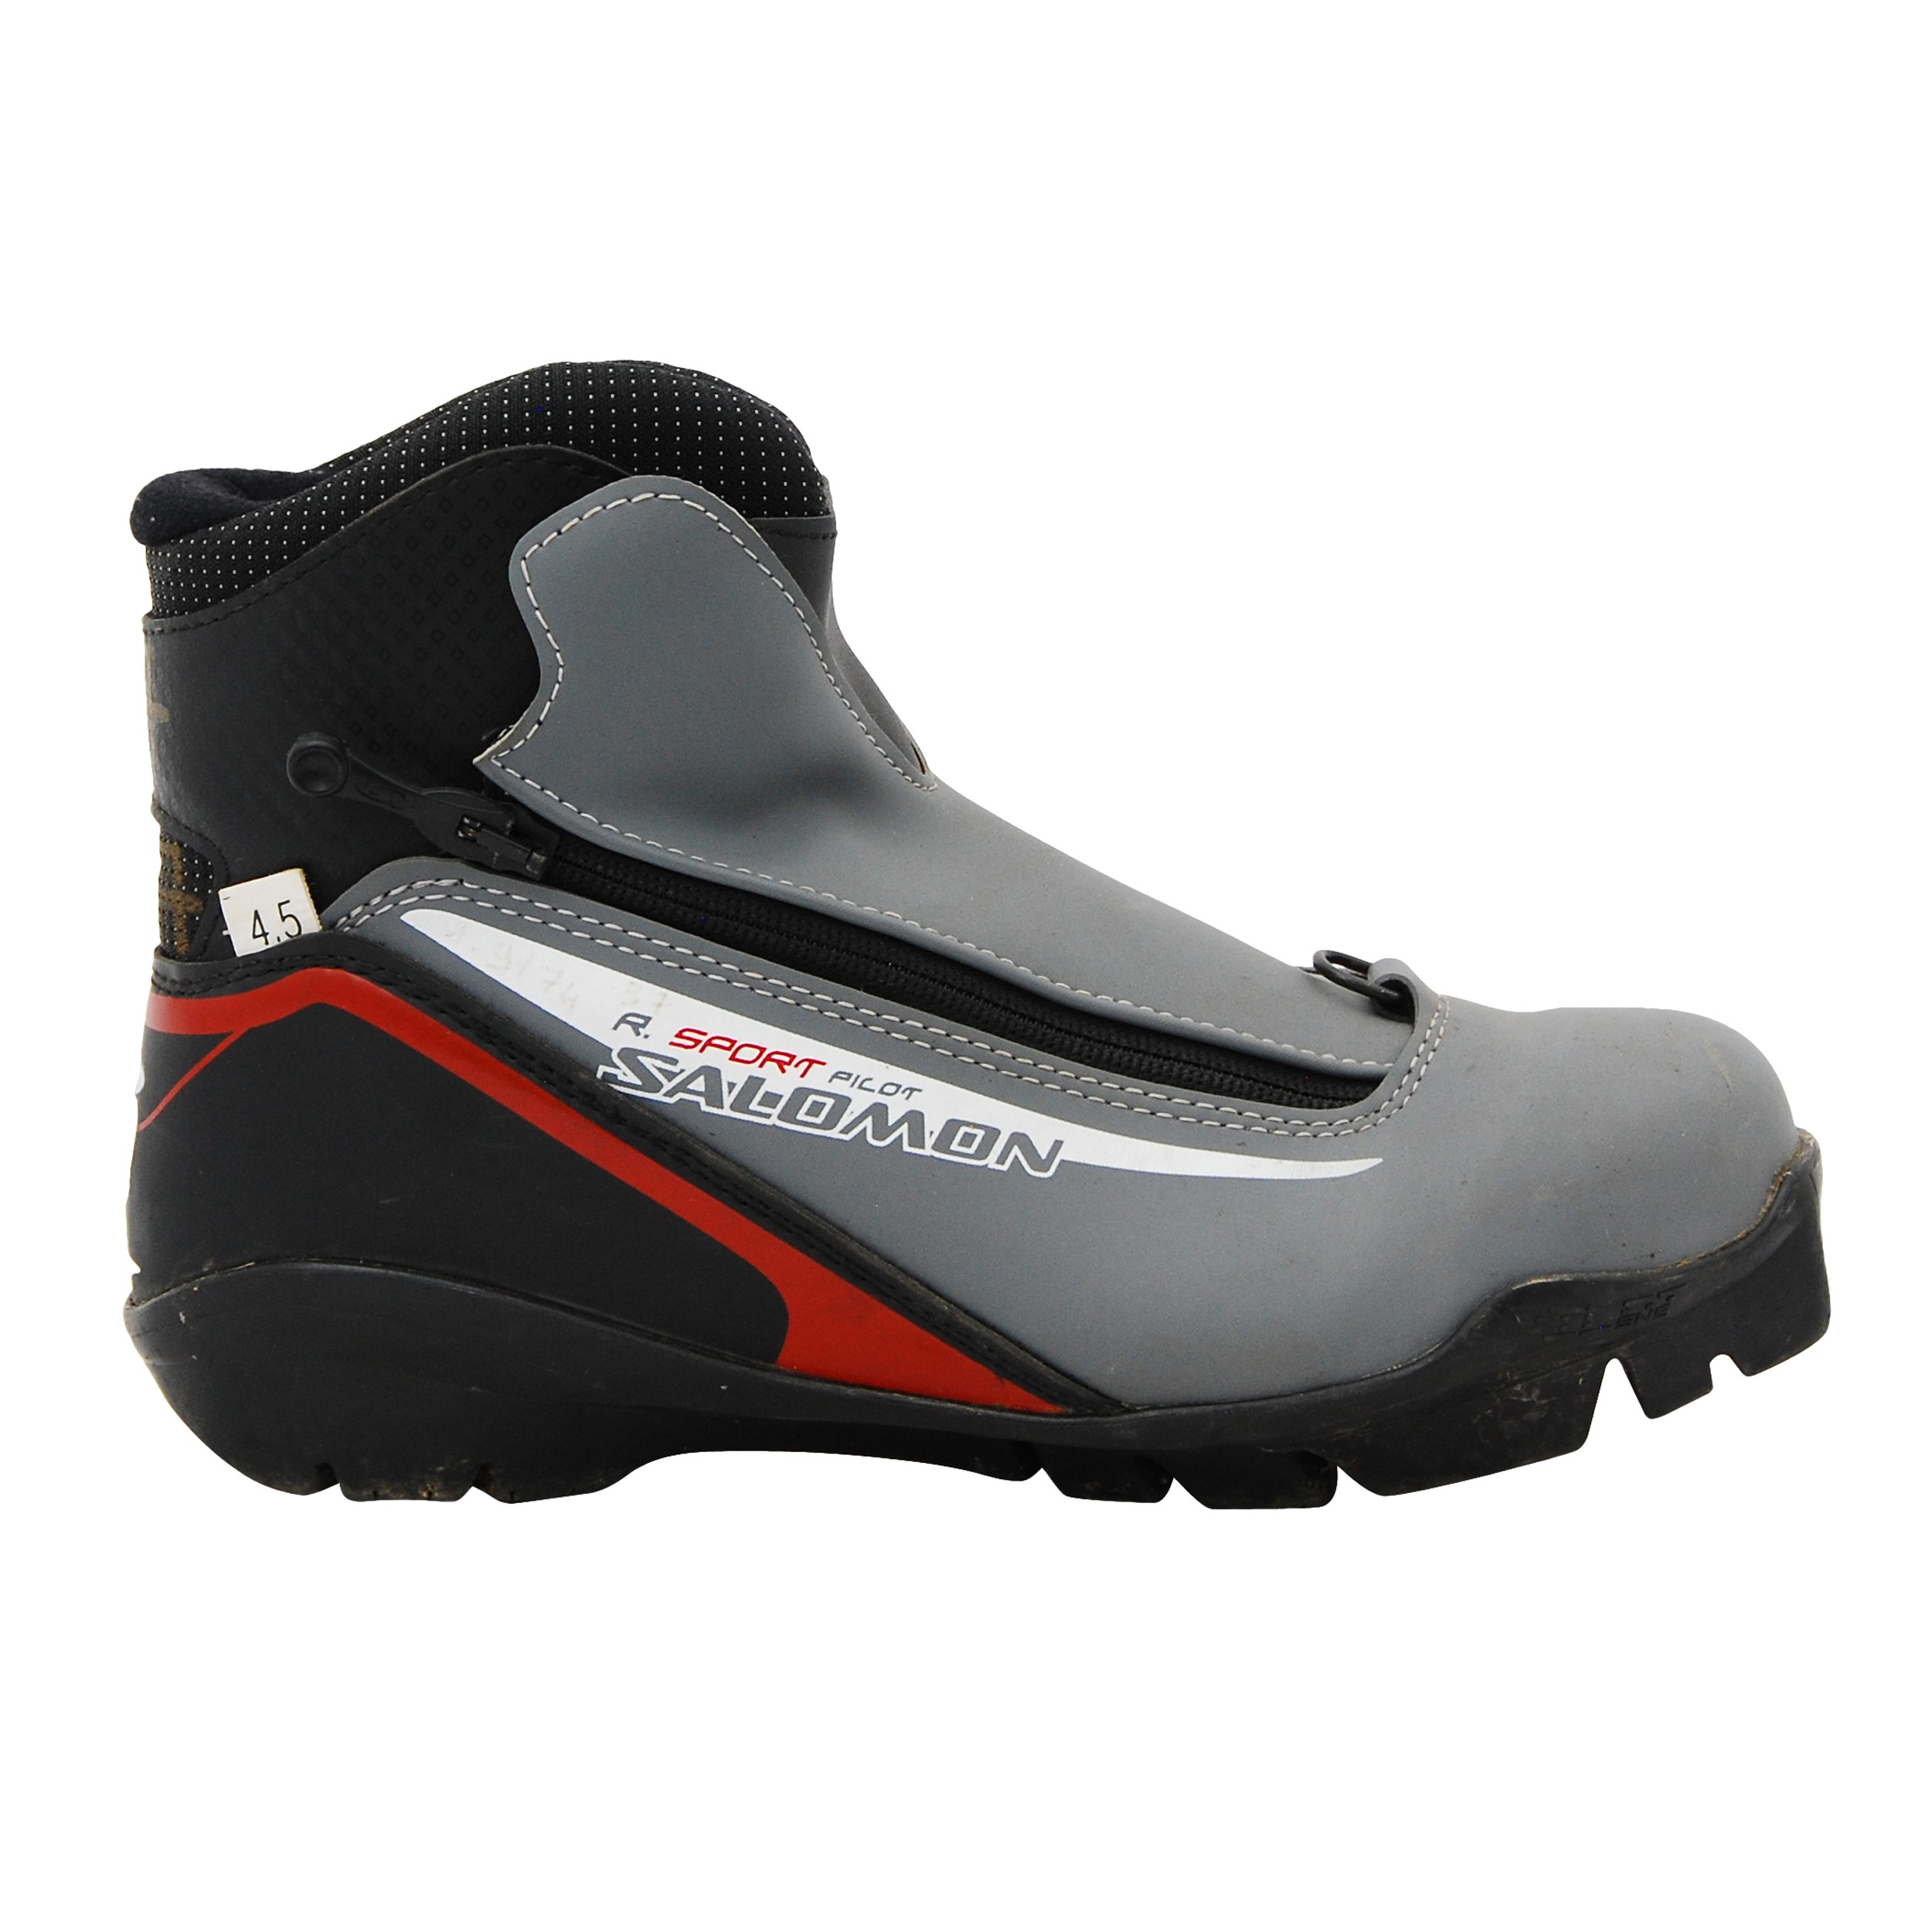 Salomon Chaussures de fitness moins chères   COMPARE